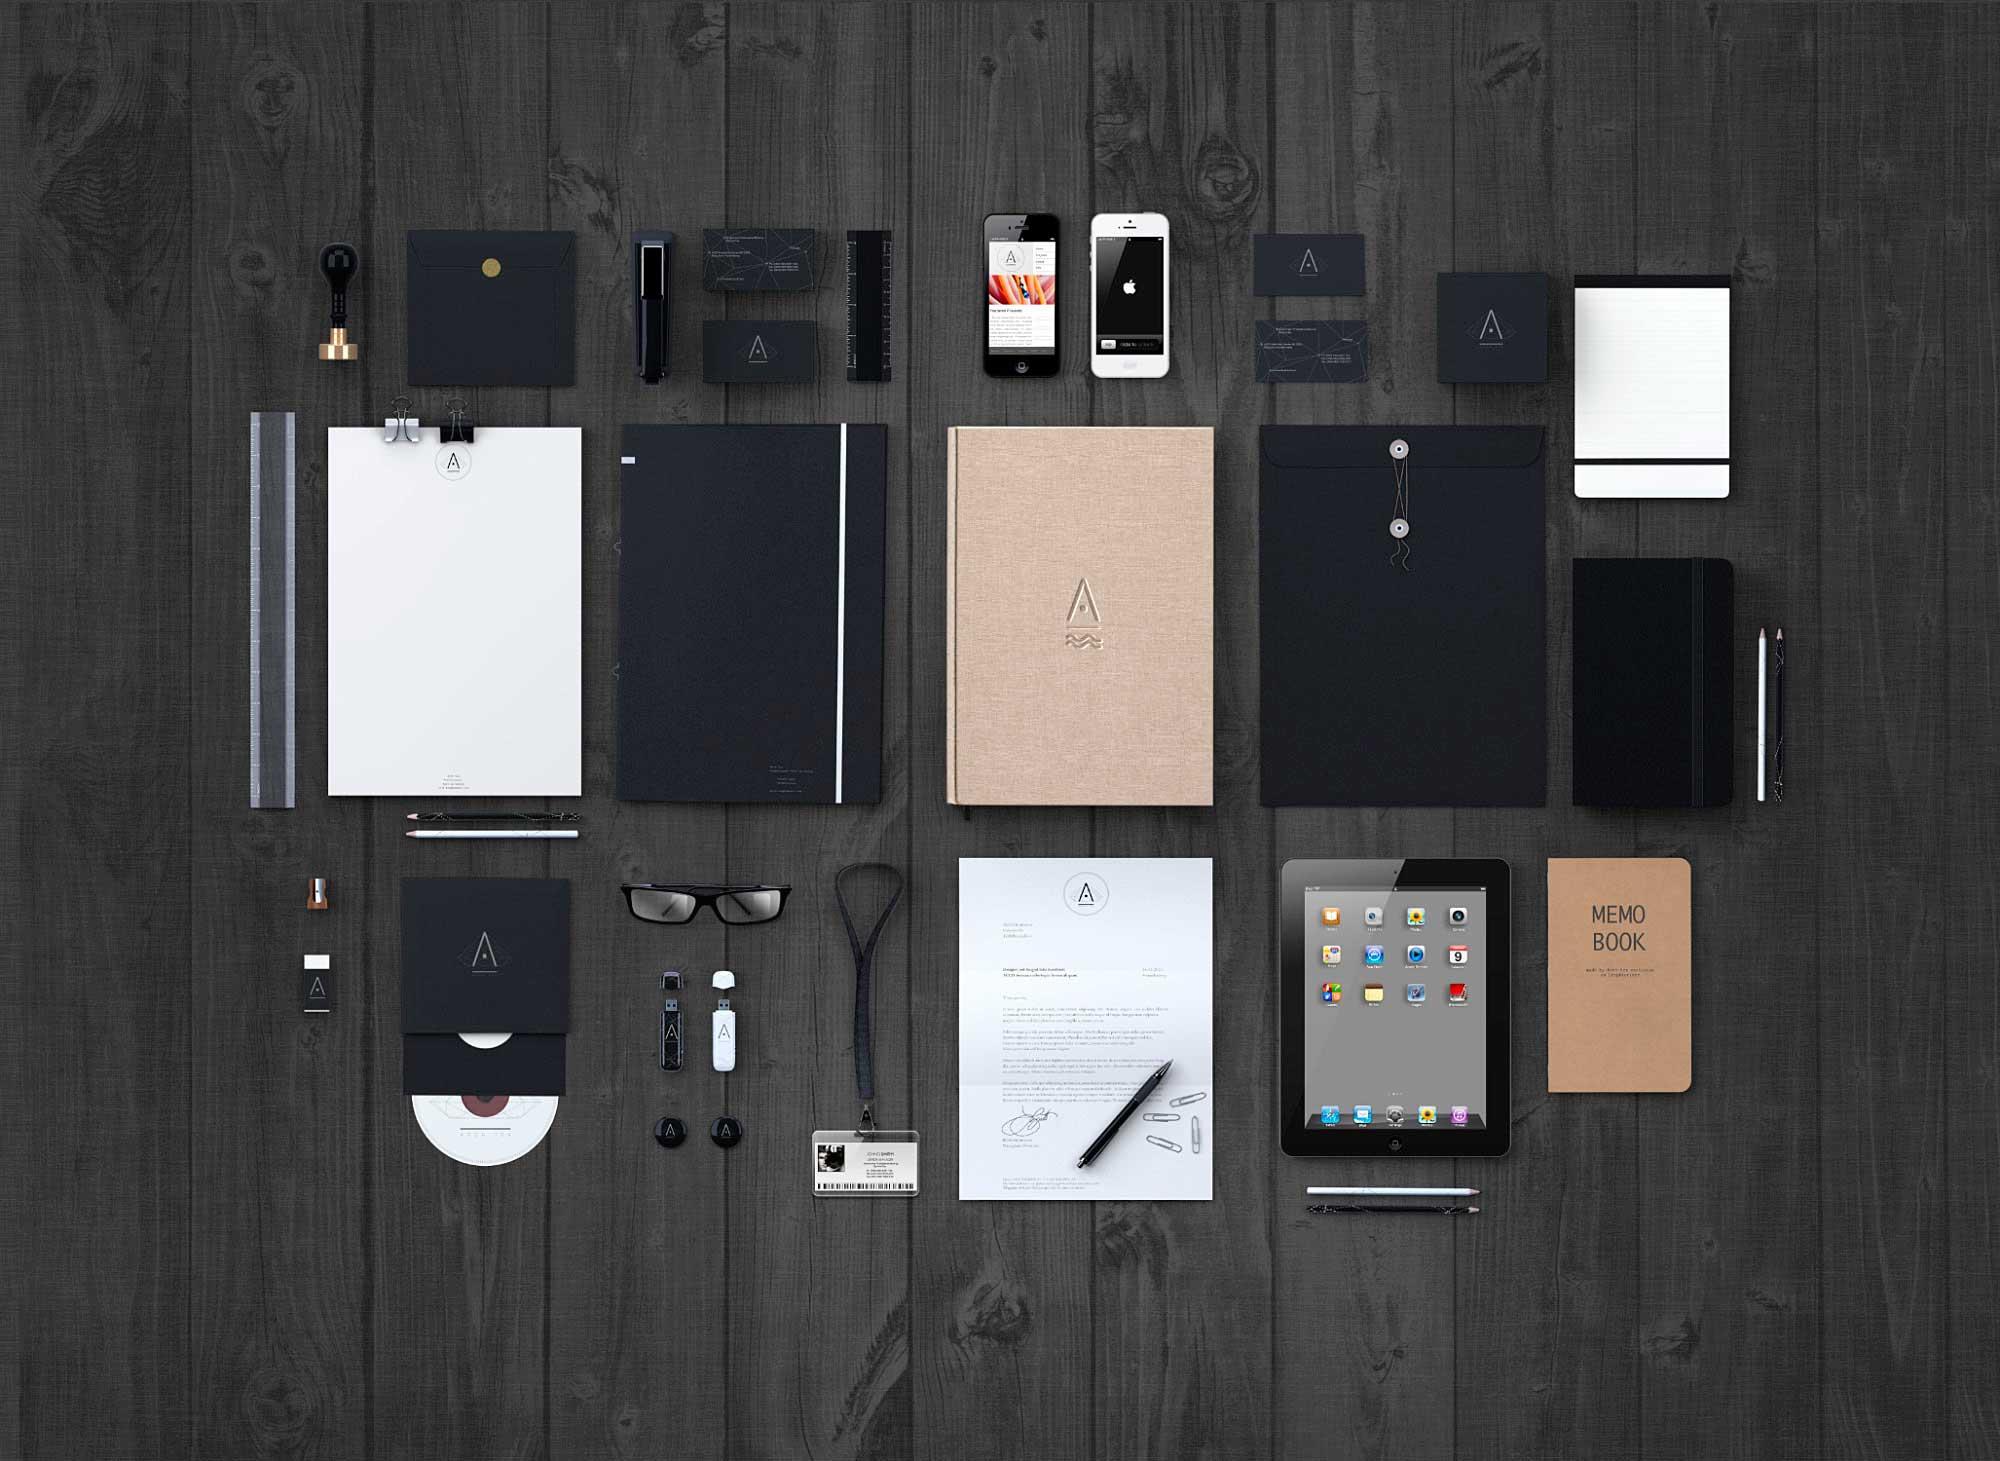 Aplicaciones Android con Desarrollo multiplataforma de software y diseño a medida